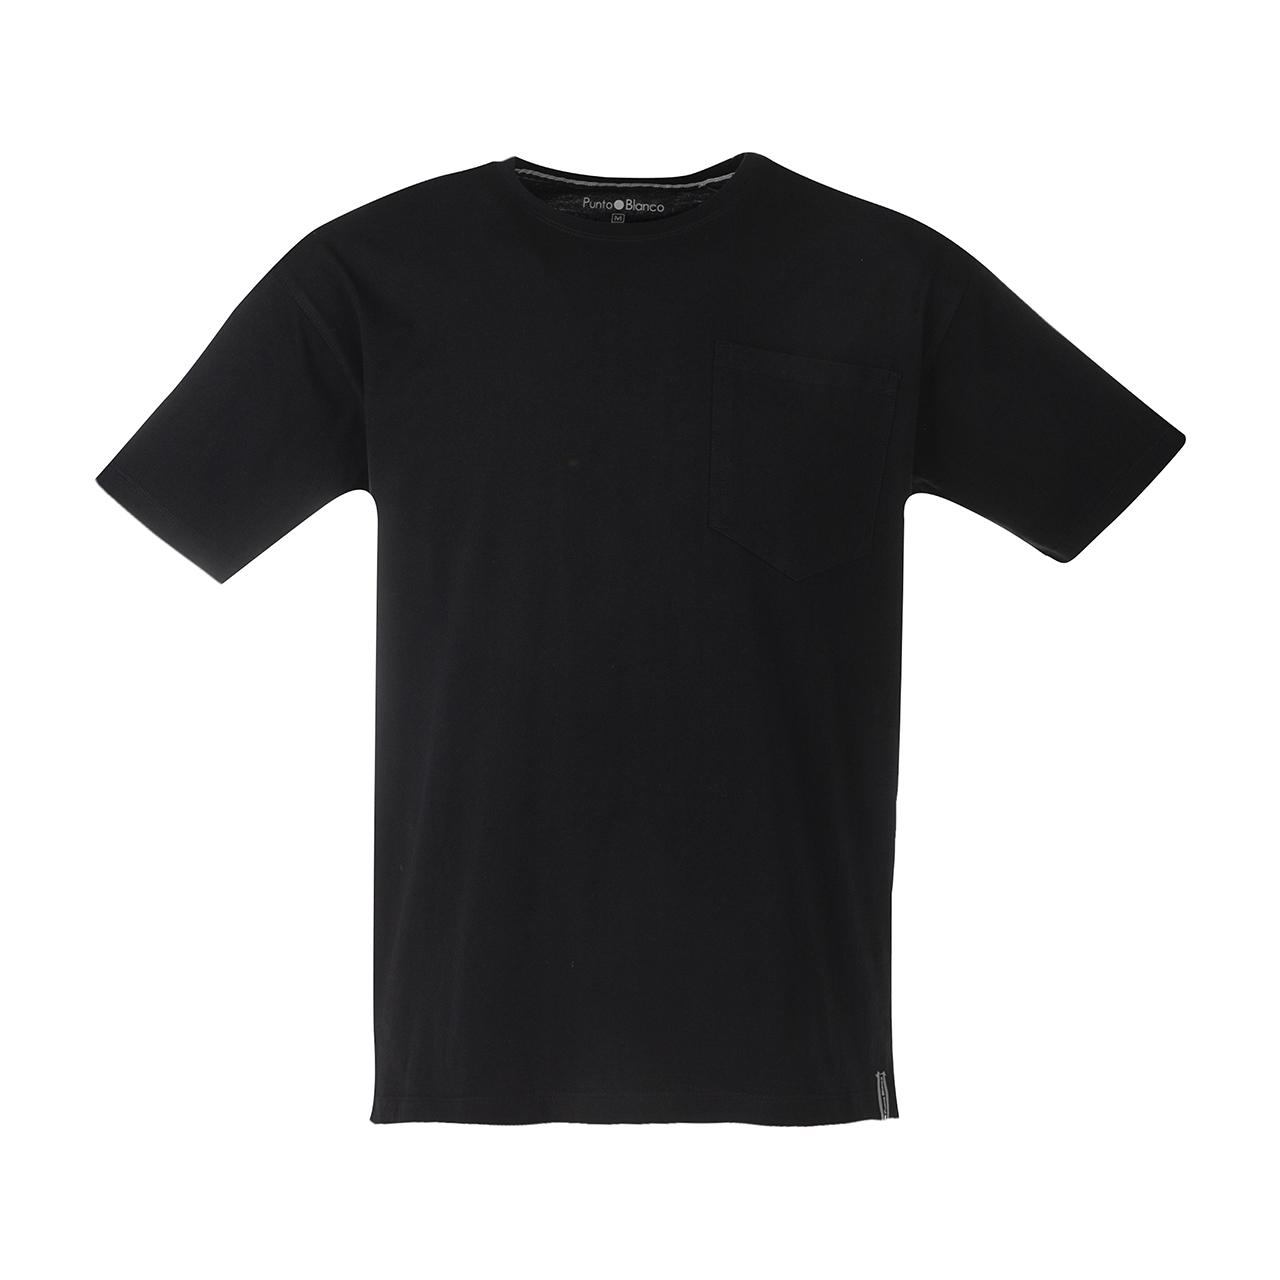 تی شرت مردانه پونتو بلانکو کد 090-10-34183